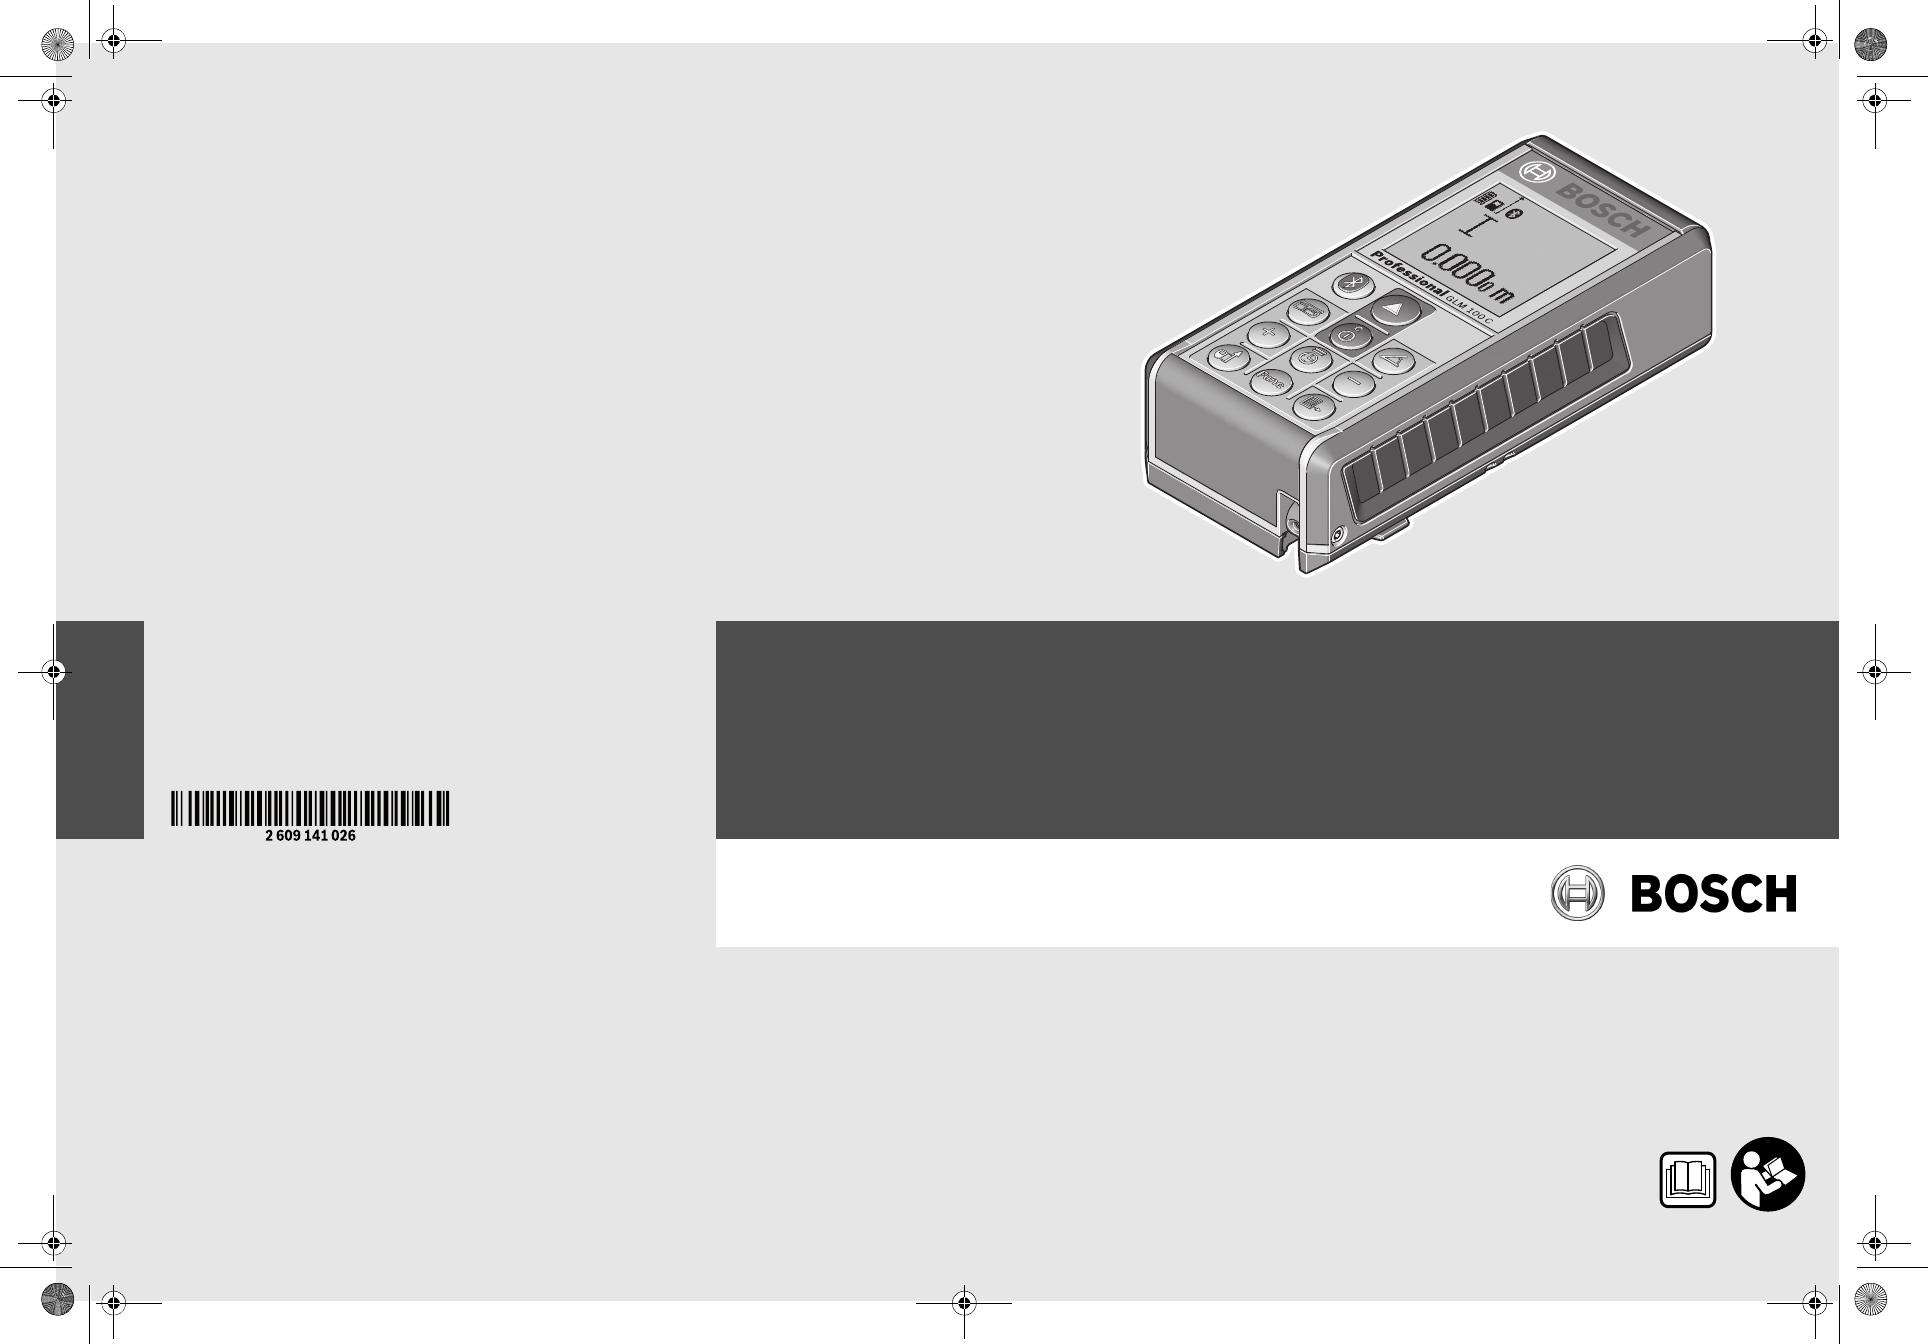 Bosch Entfernungsmesser Glm 100 C : Bedienungsanleitung bosch glm 100 c seite 9 von 367 dänisch